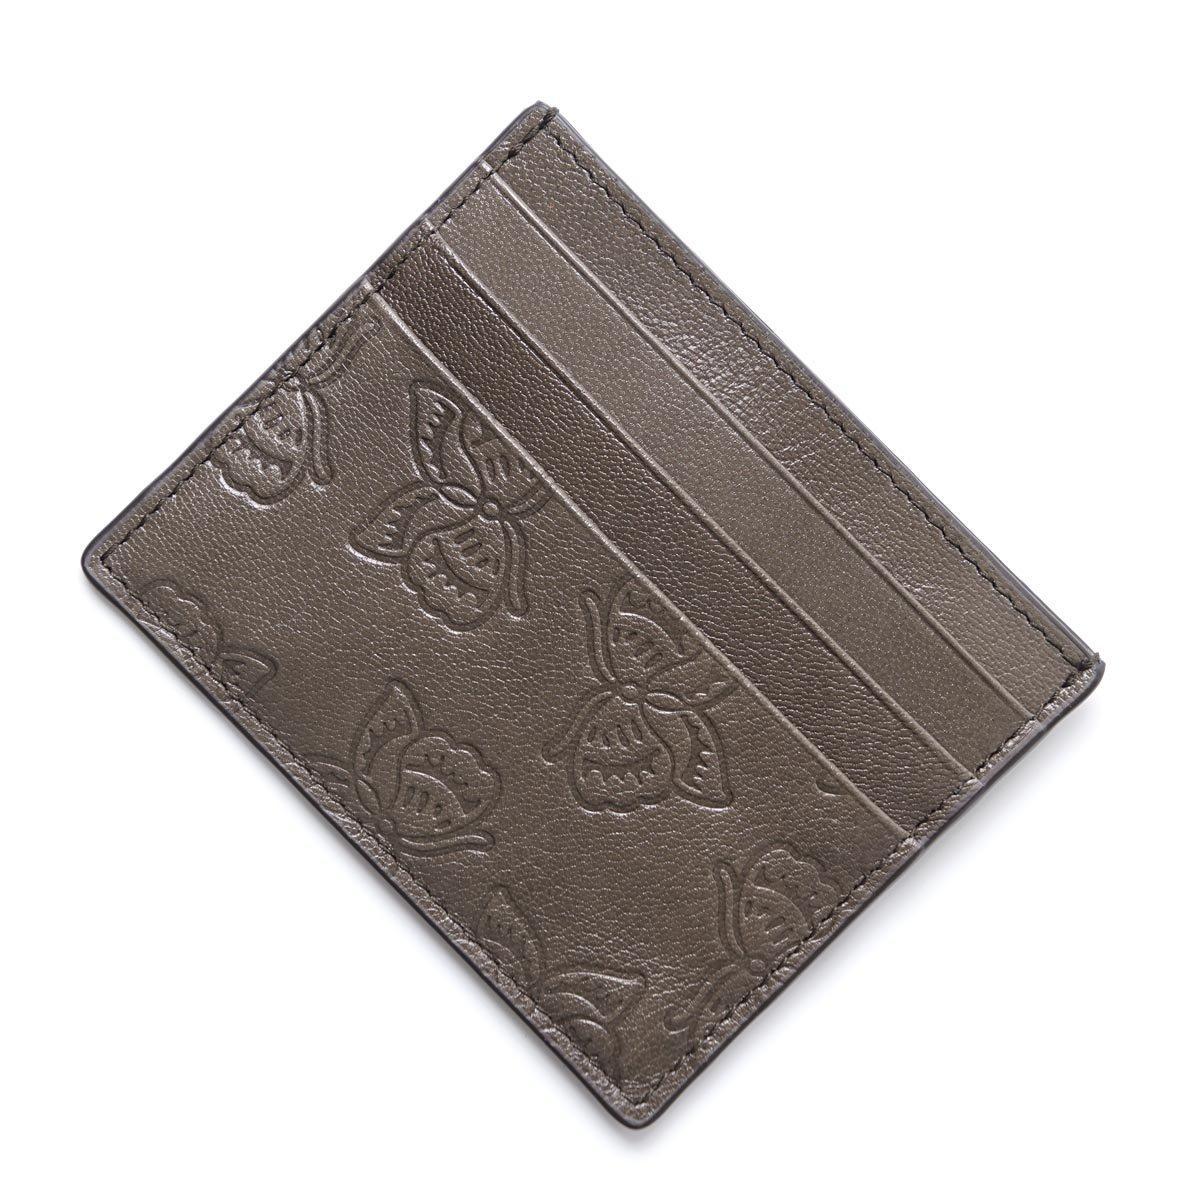 (ボッテガヴェネタ) BOTTEGA VENETA カードケース/LEATHER [並行輸入品] Free STEEL B07BKY48CL